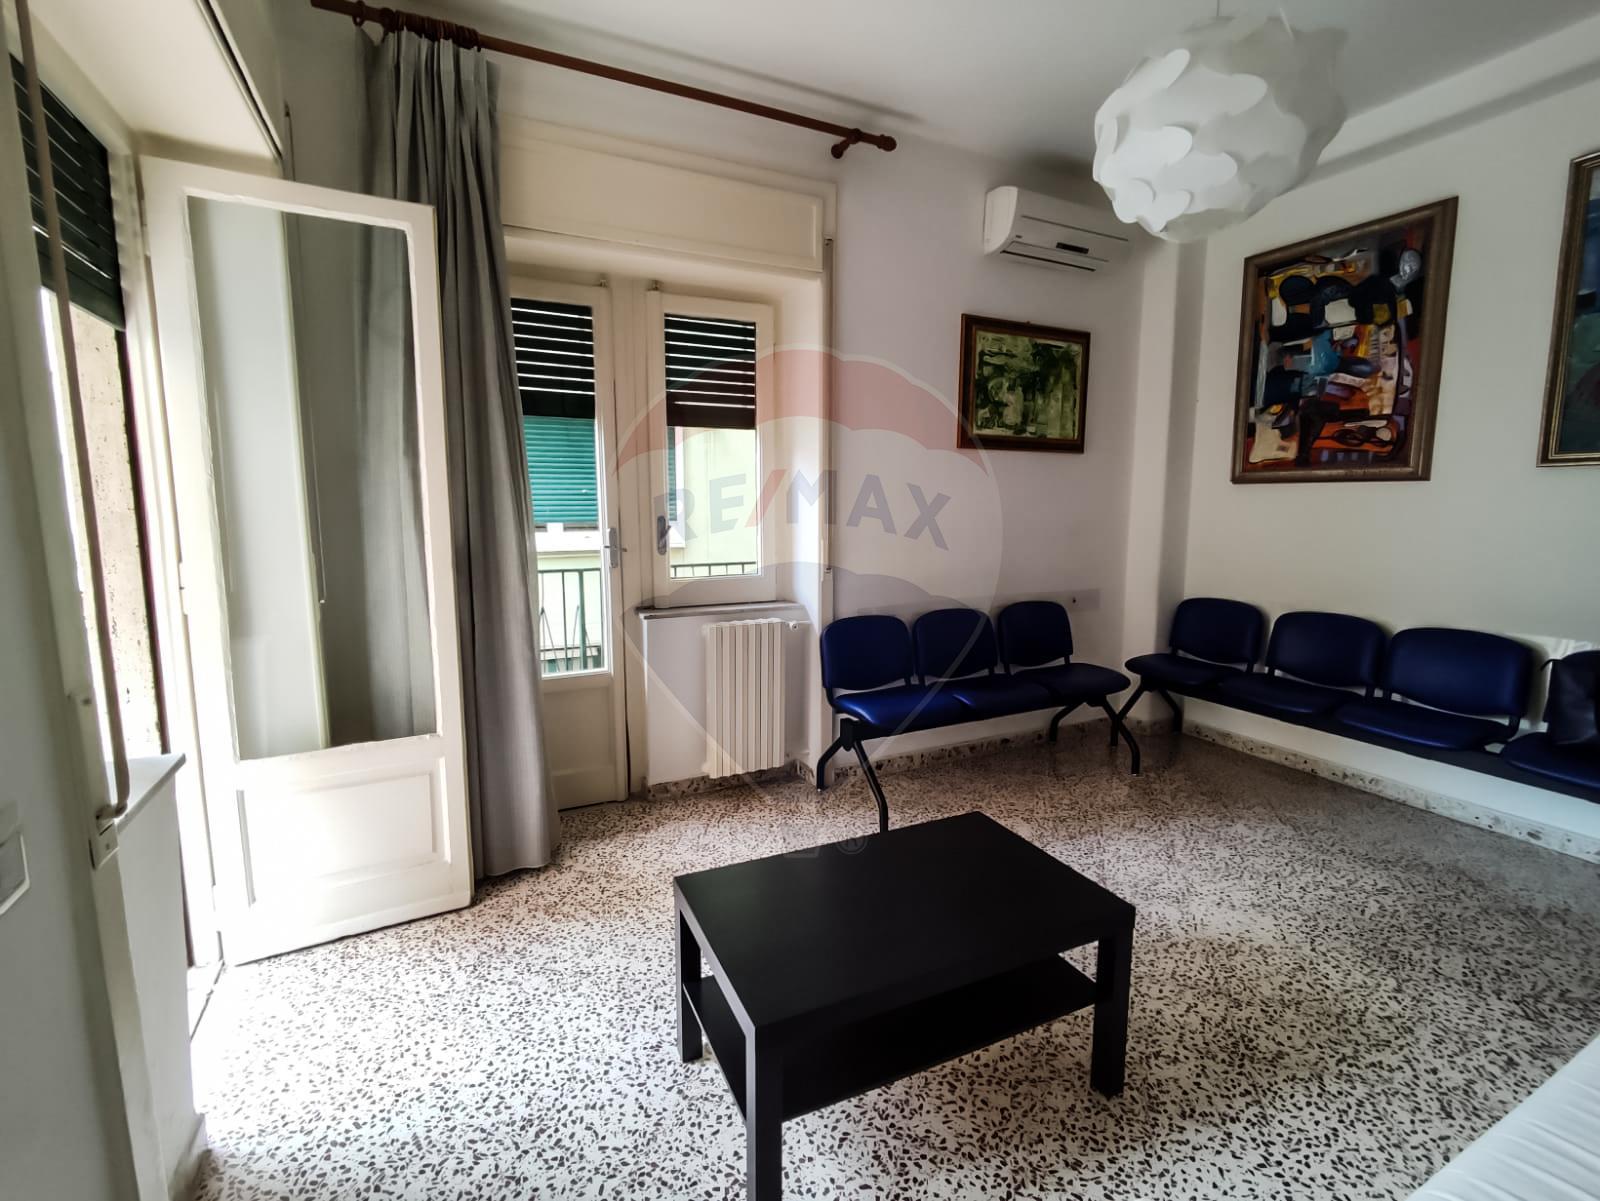 Appartamento 75 mq con Ampi Balconi – Nocera Inferiore